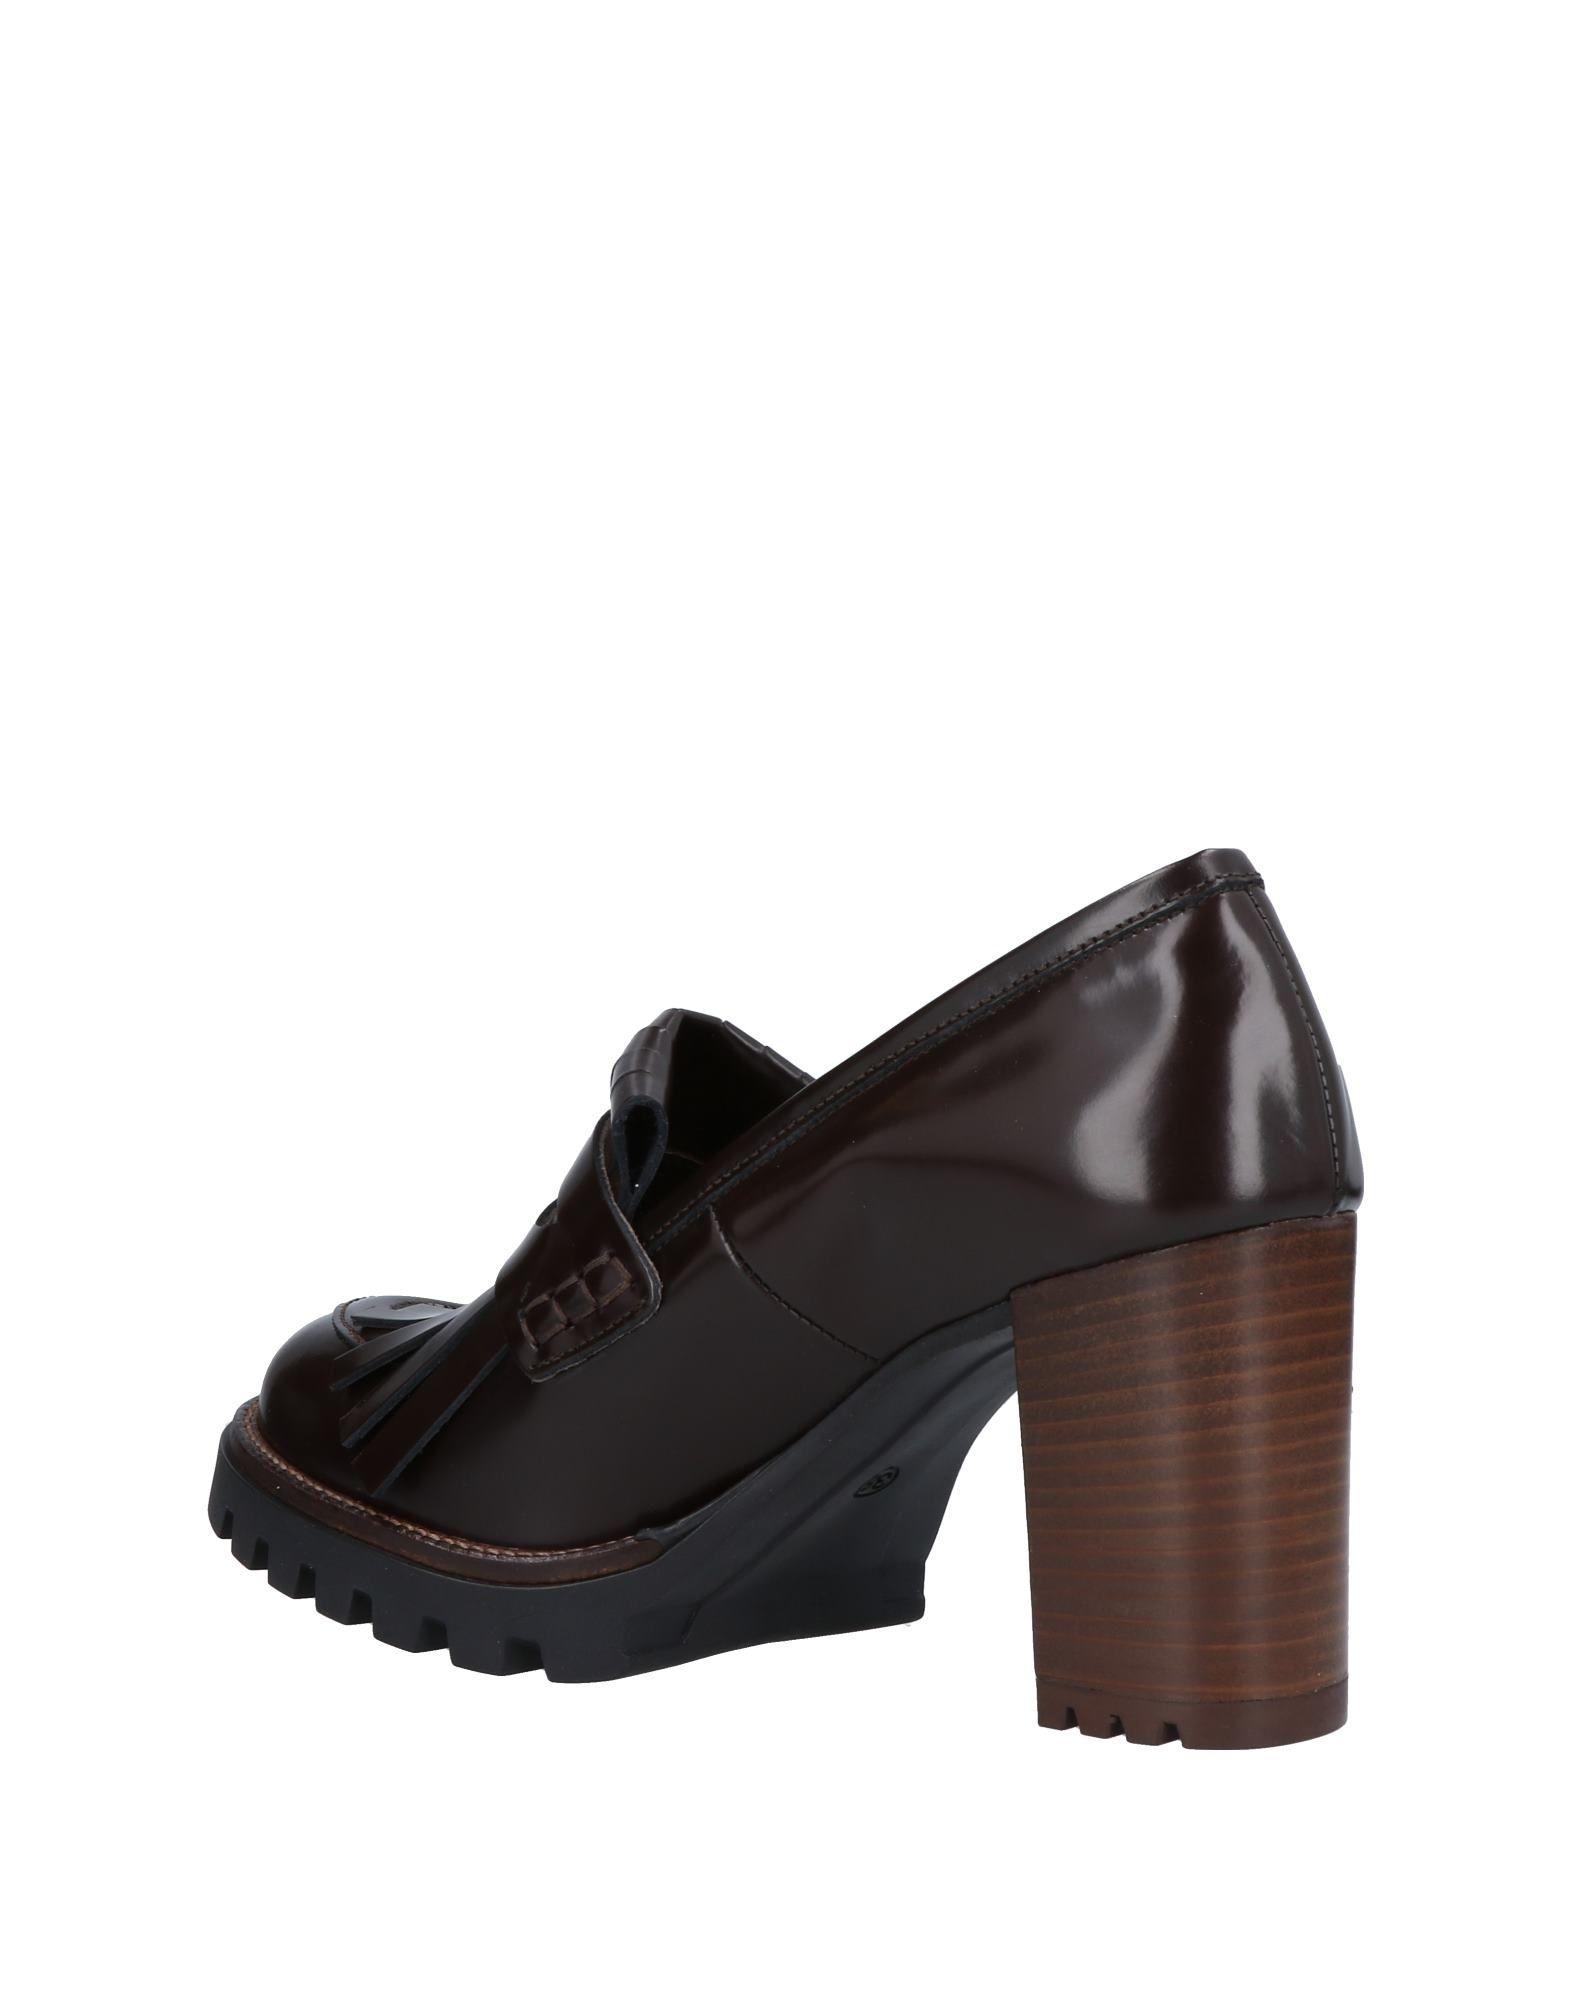 Unlace Mokassins Damen  11471131WV Gute Qualität beliebte Schuhe Schuhe Schuhe 67667a